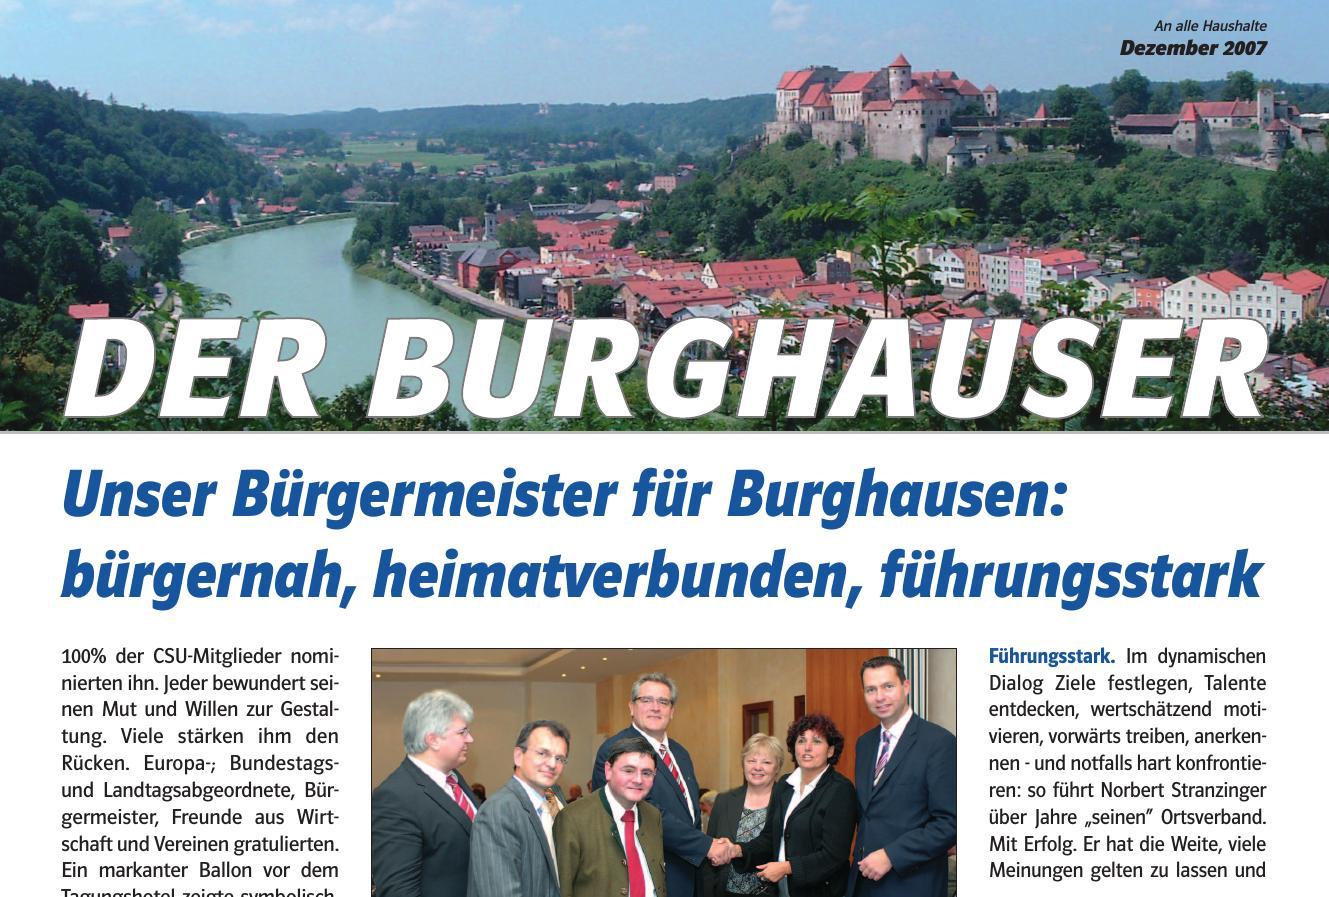 Der Burghauser_200712_titel